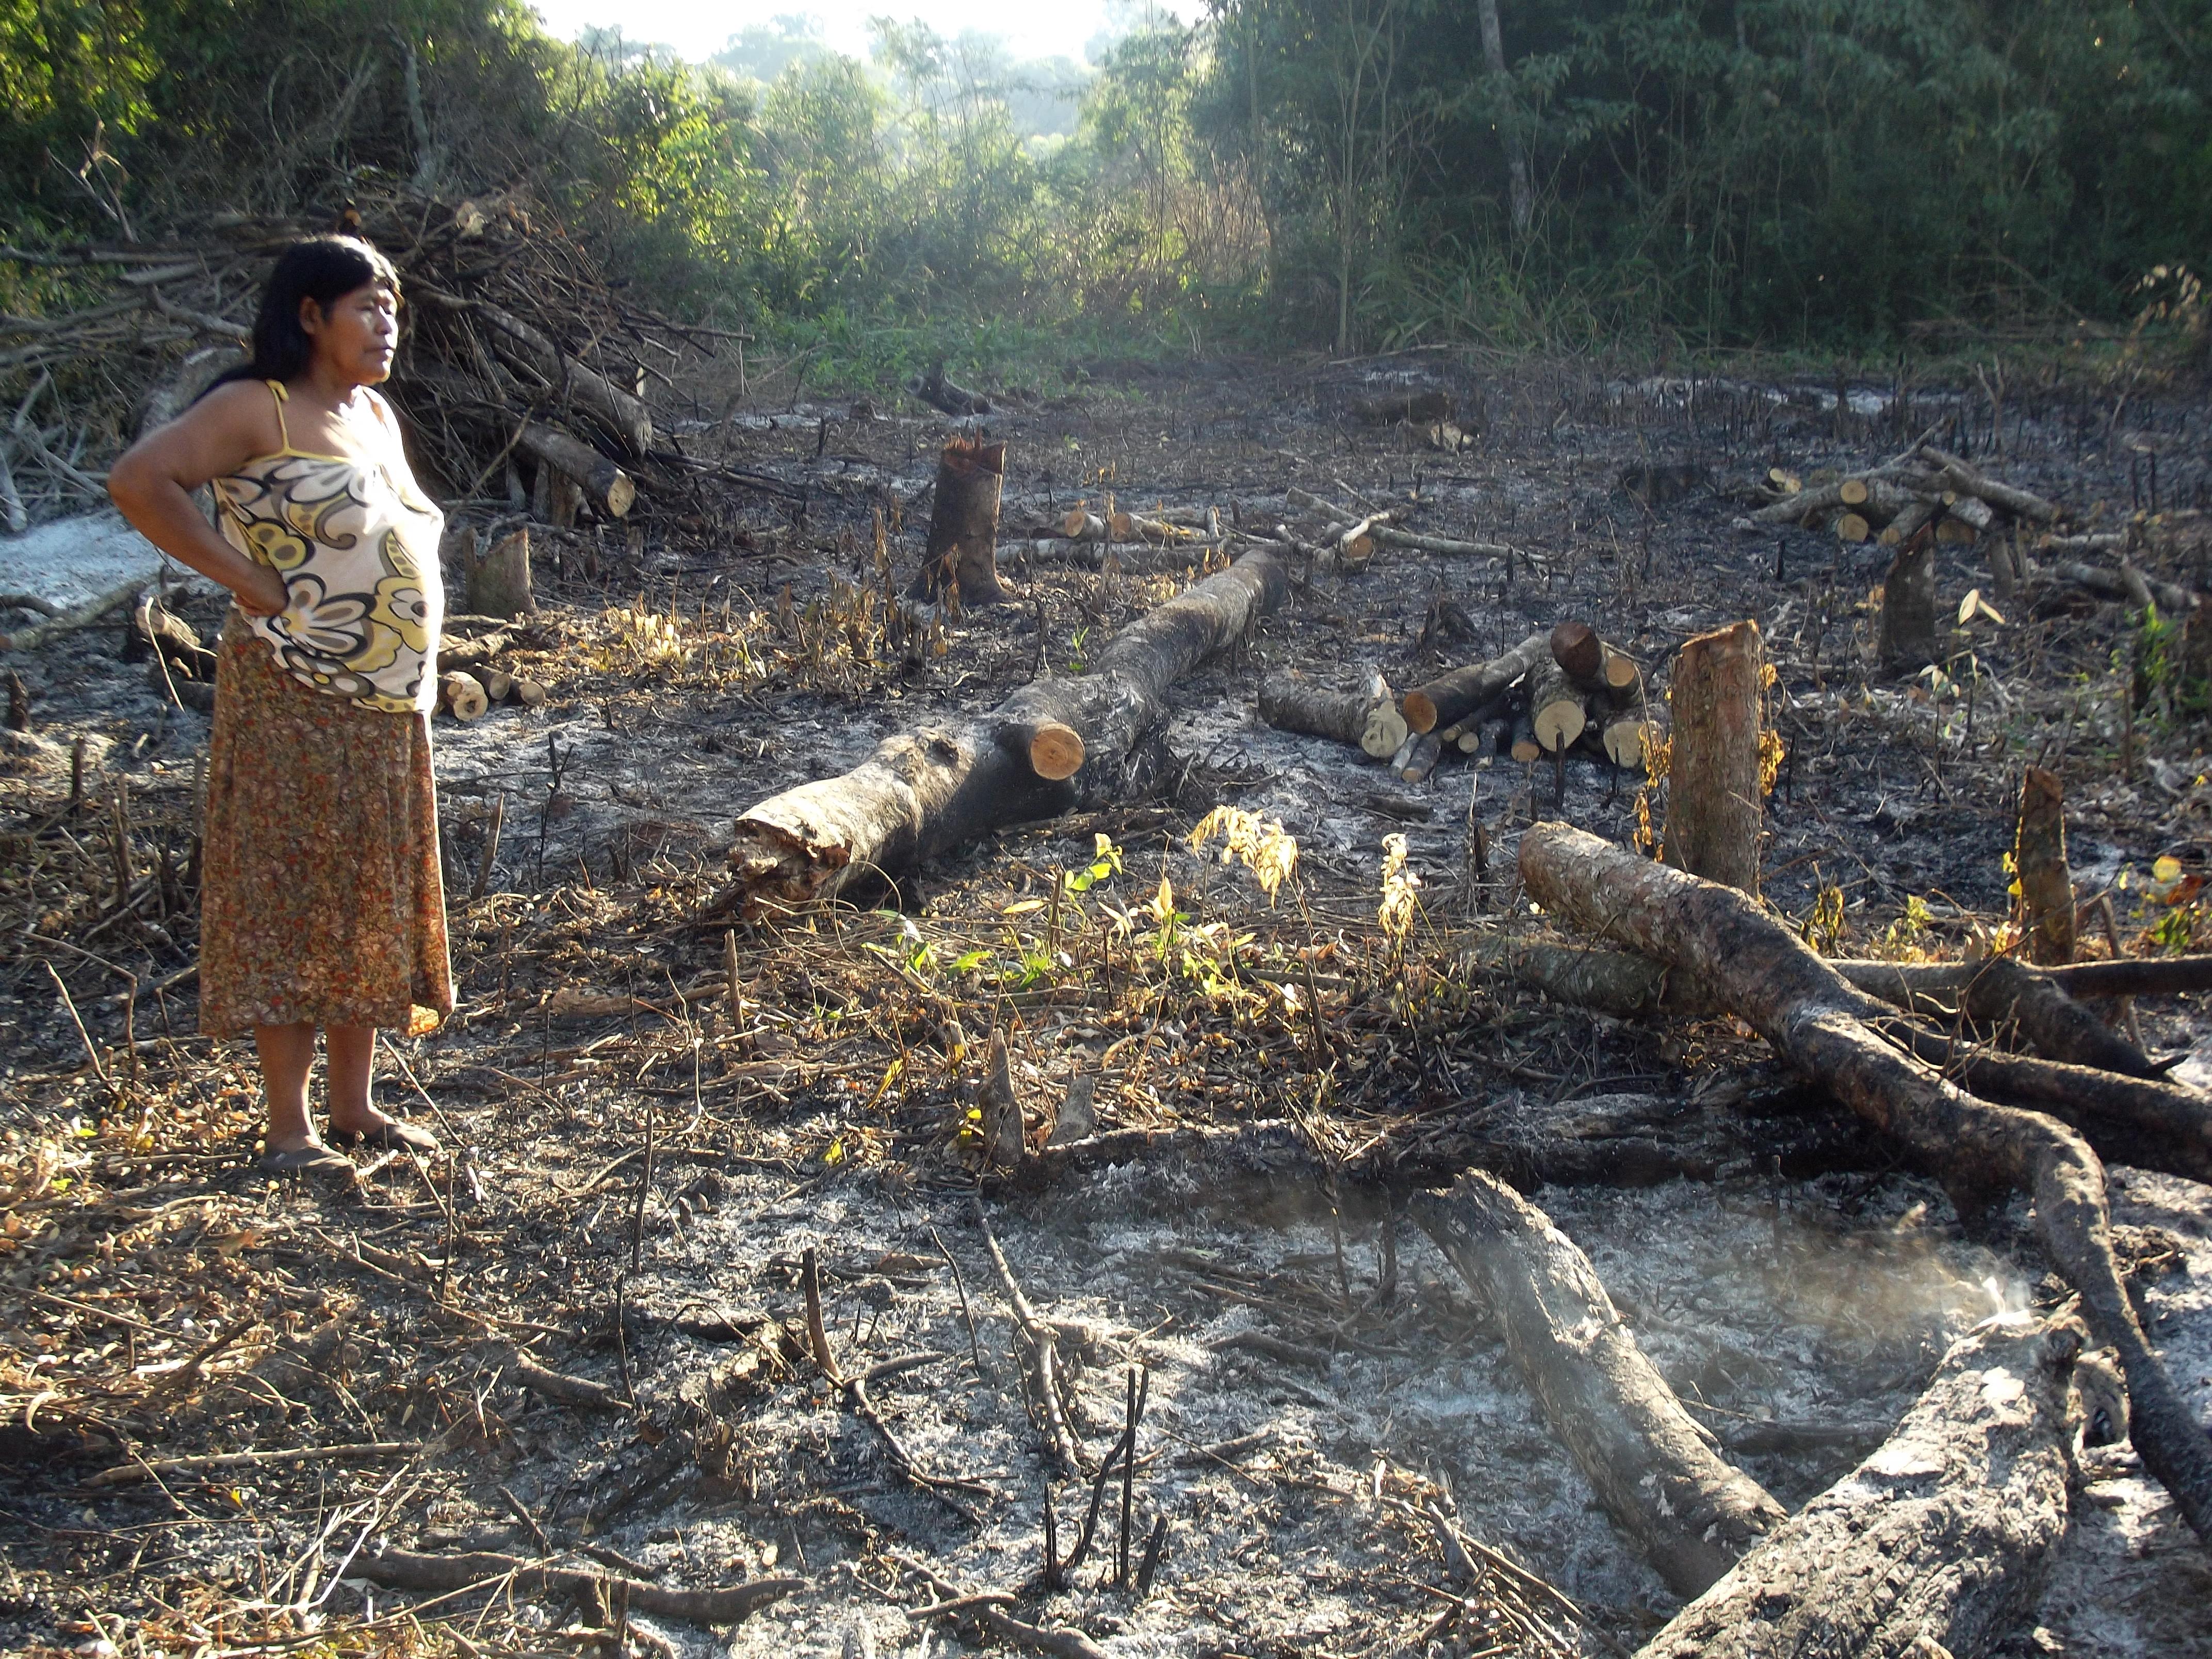 Devastación. La imagen revela el daño causado en las tierras guaraníes y en el medioambiente.